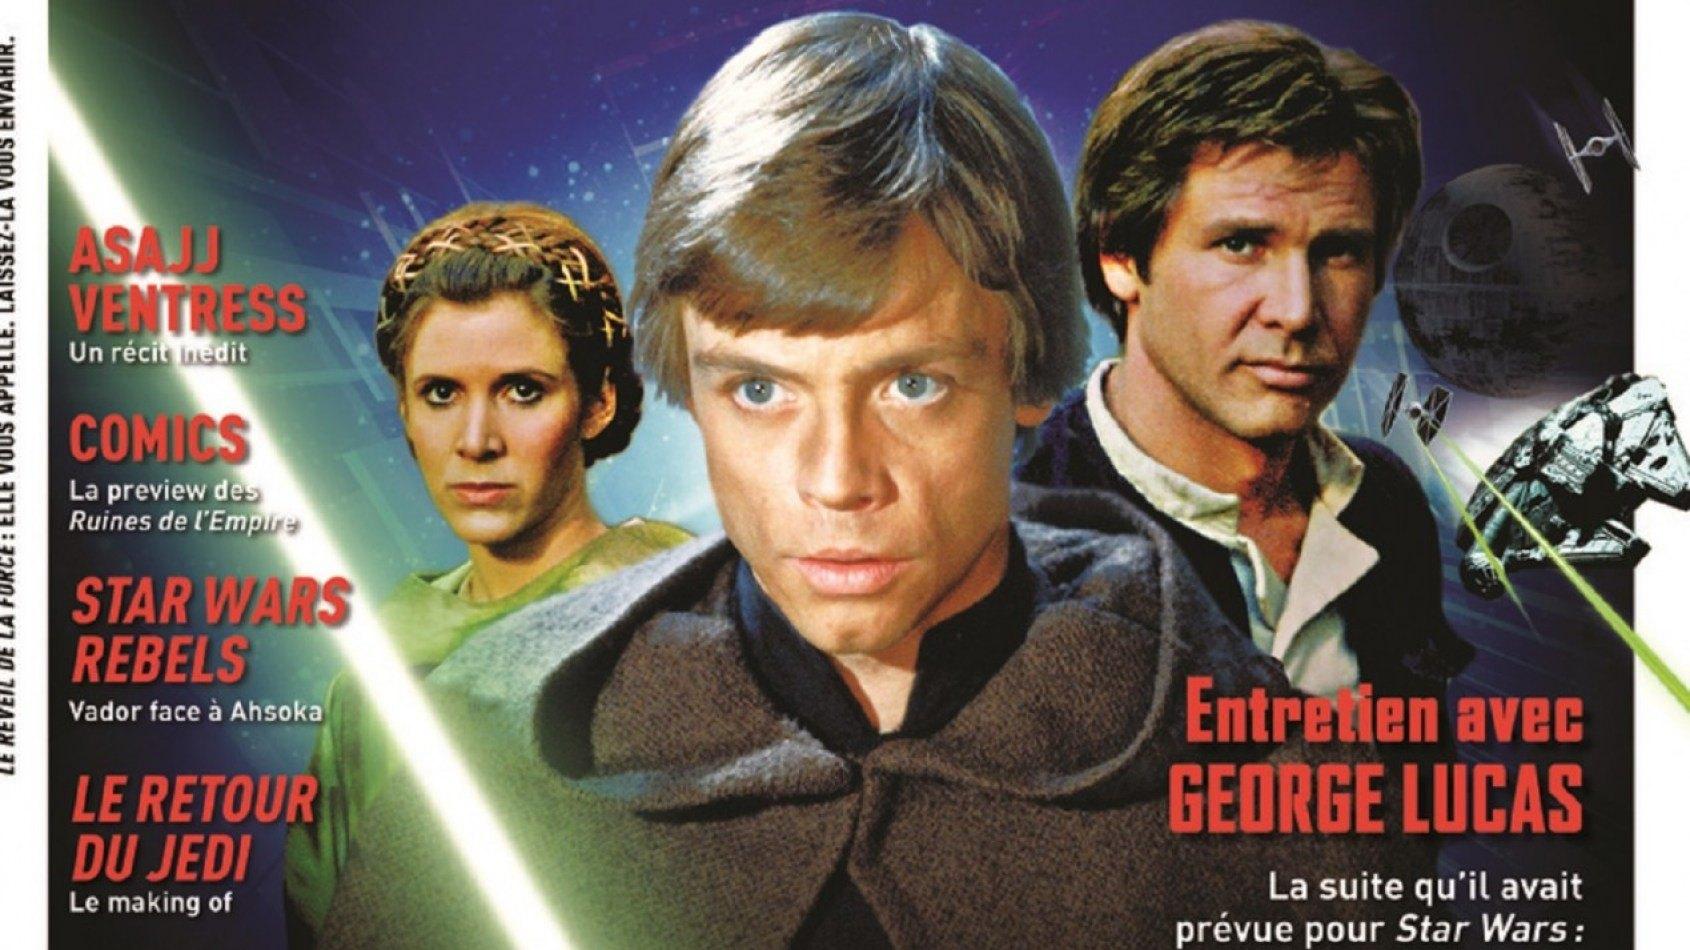 [Panini] Sortie de Star Wars Insider n°4